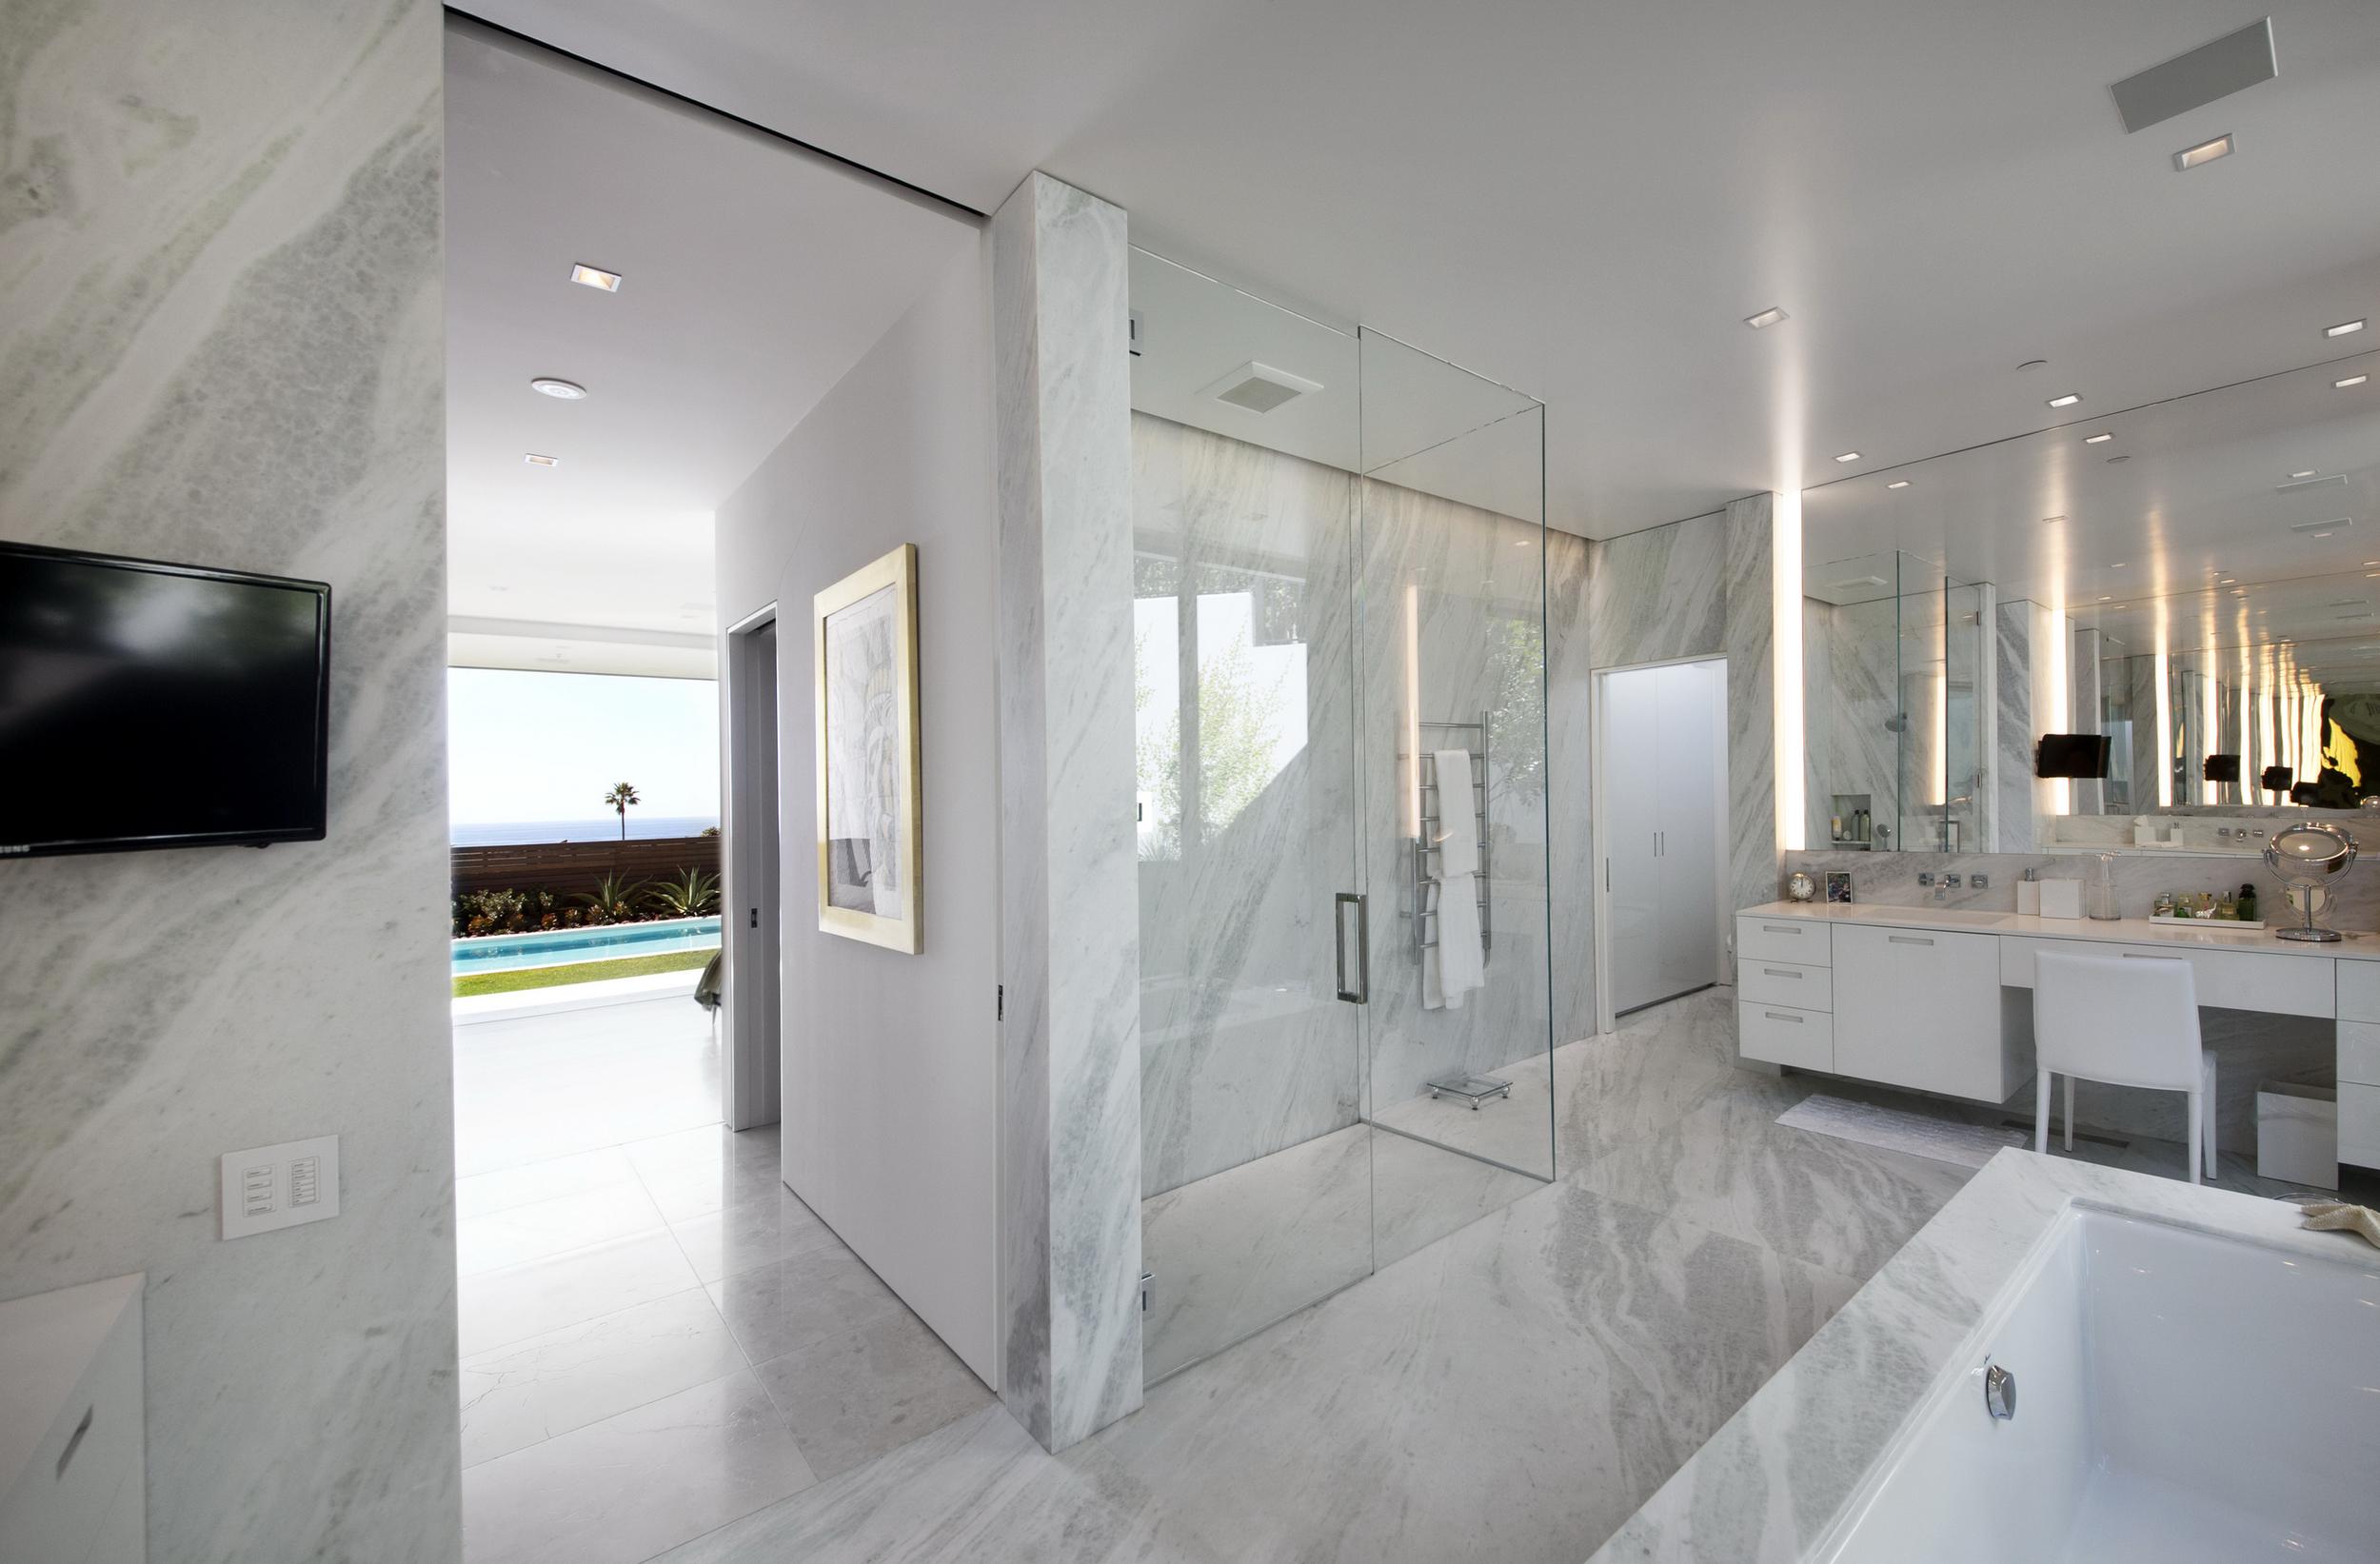 McEroy Snyder Diamond Takashi Yanai Ehrlich bathroom.jpg